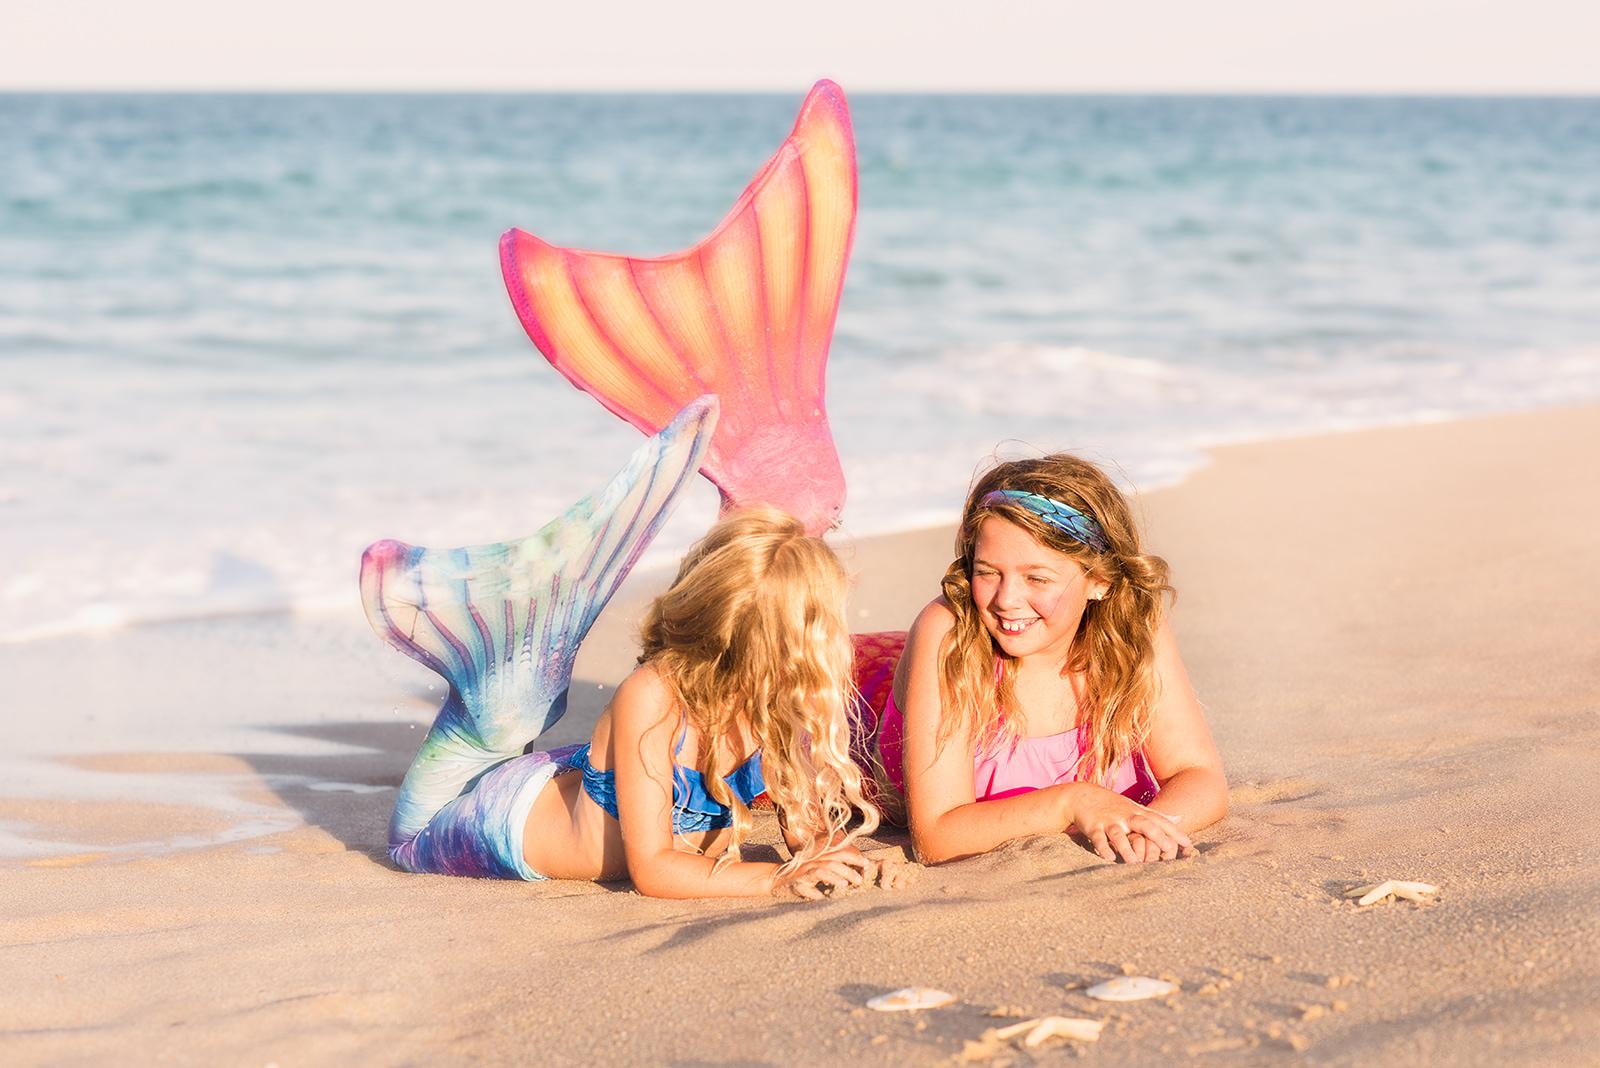 vero-beach-mermaids-photo-session.jpg